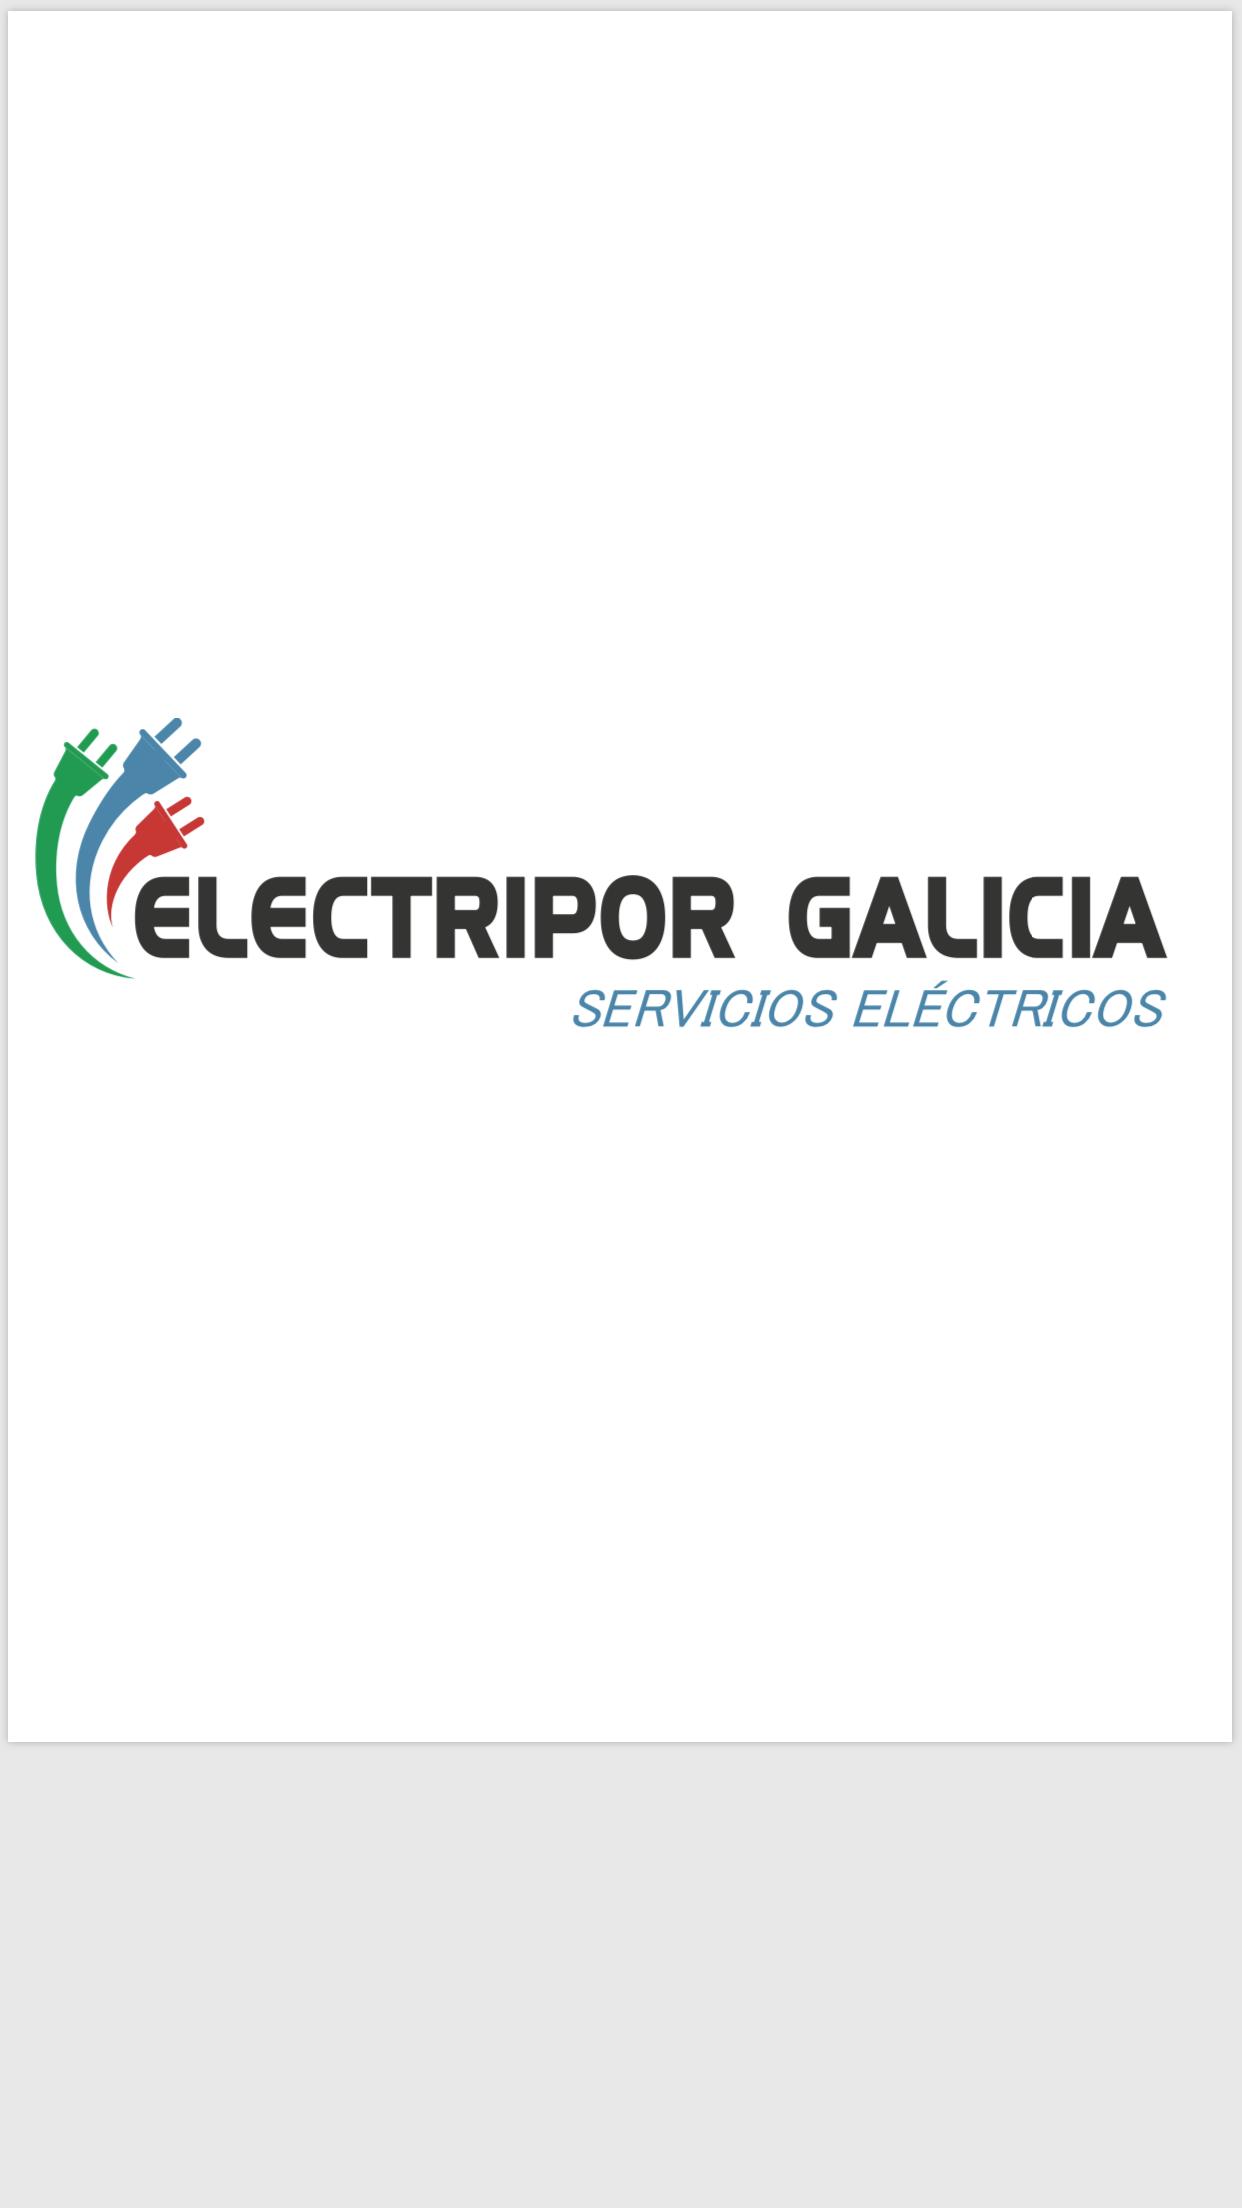 Electripor Galicia